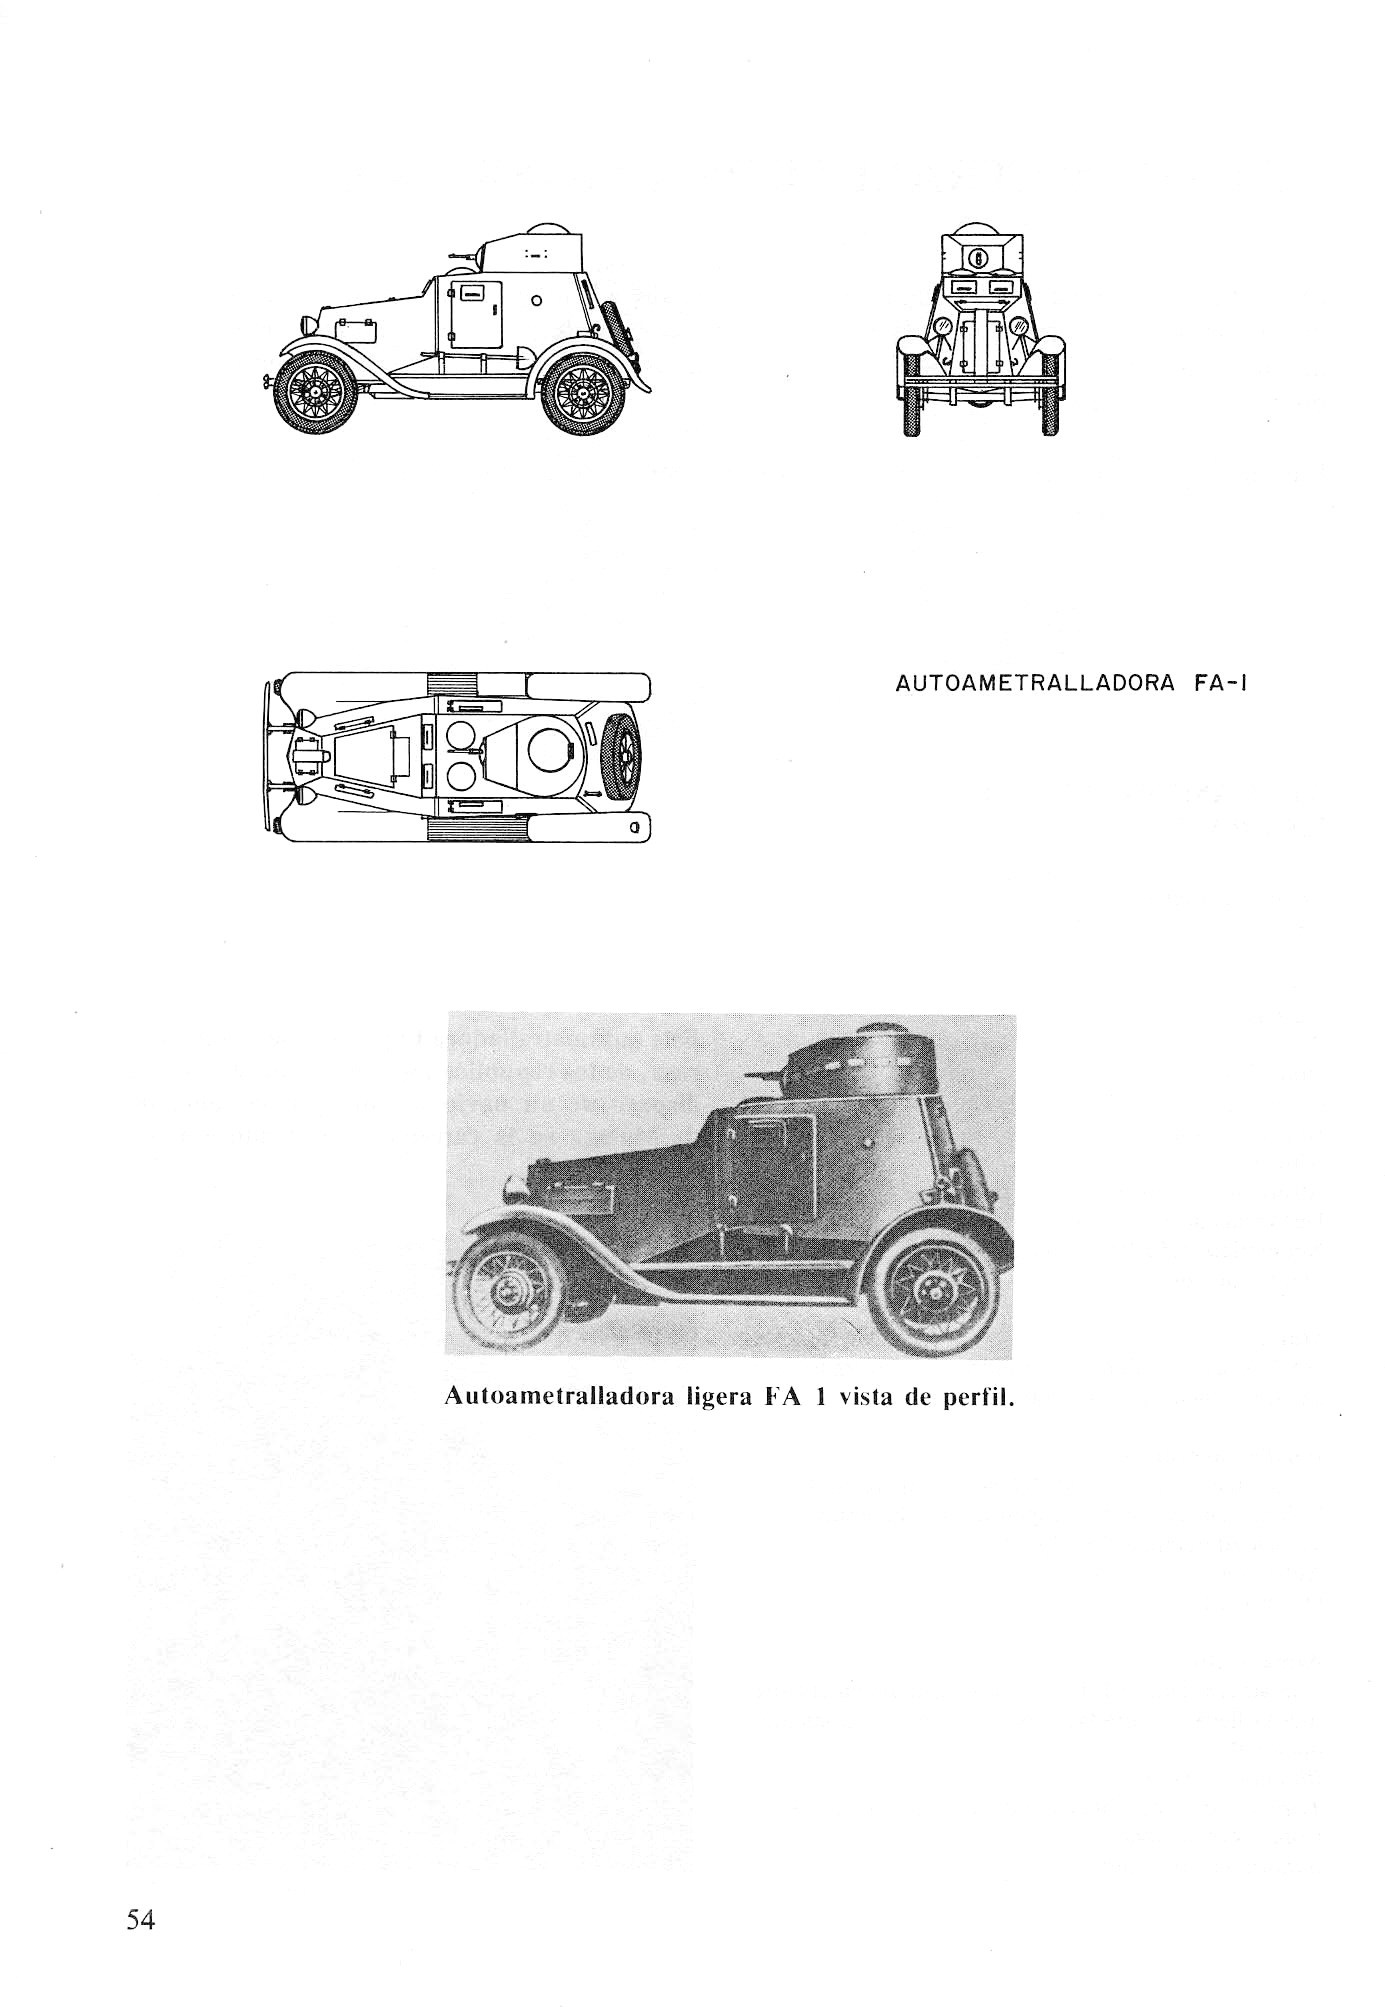 Carros De Combate Y Vehiculos Blindados De La Guerra 1936 1939 [F.C.Albert 1980]_Страница_052.jpg